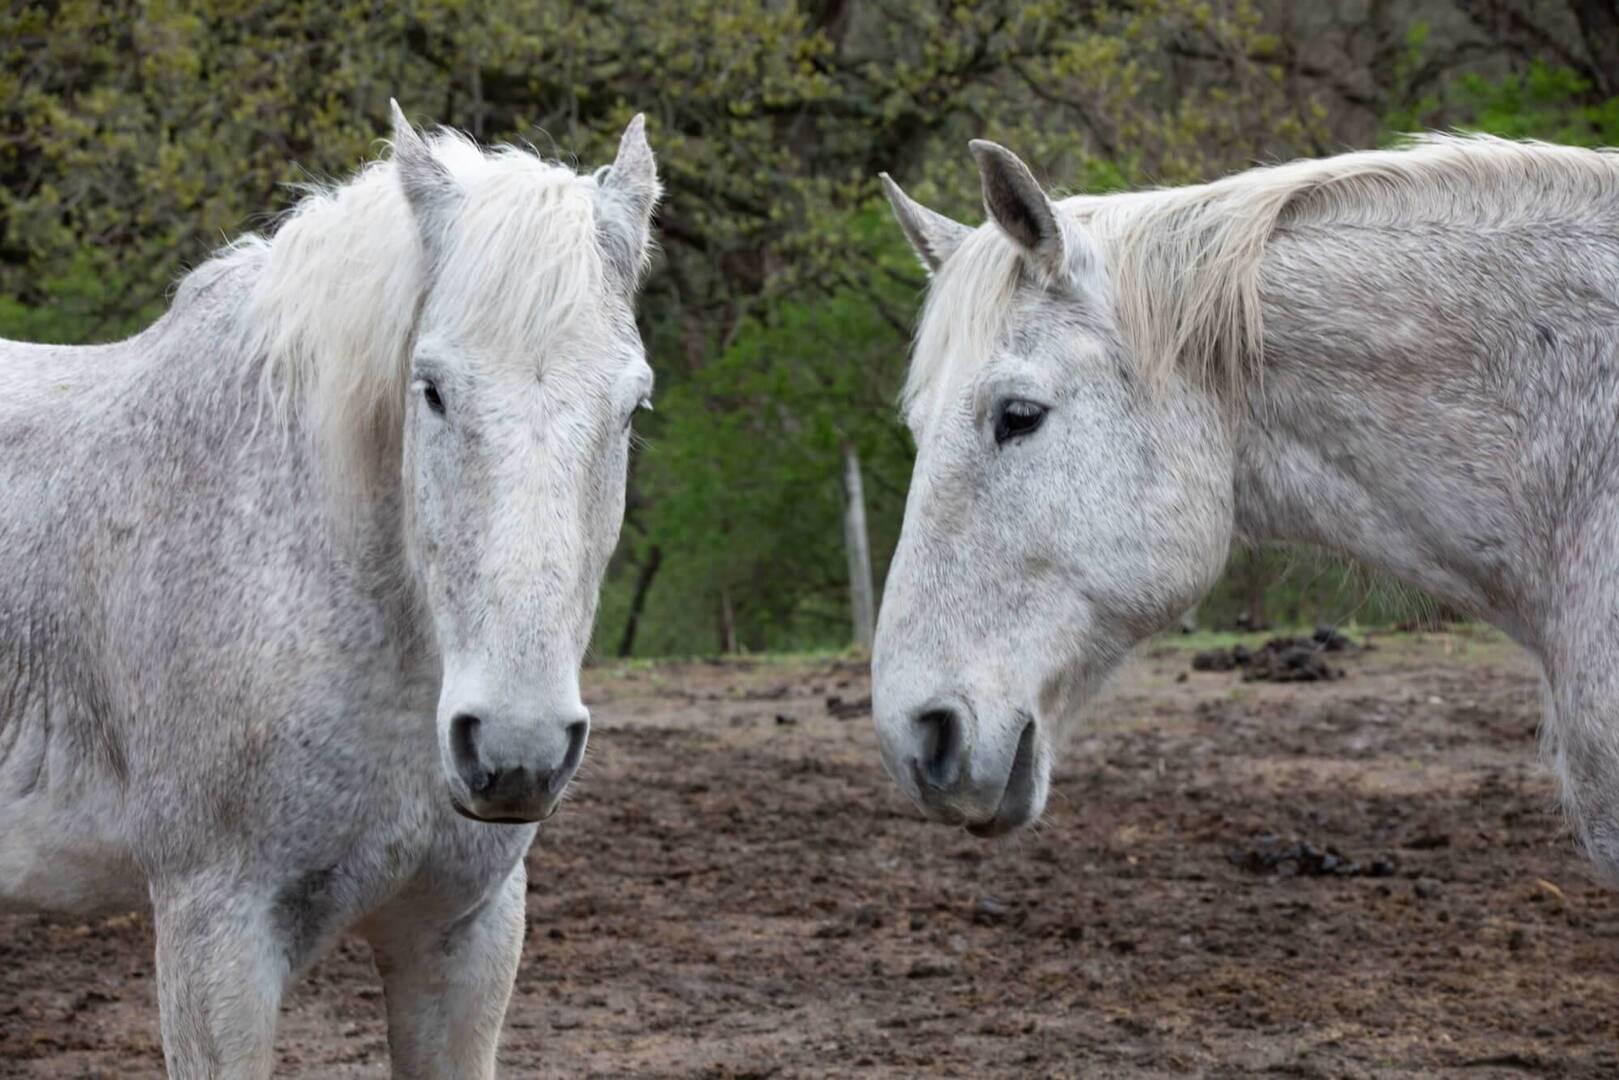 horses in mud